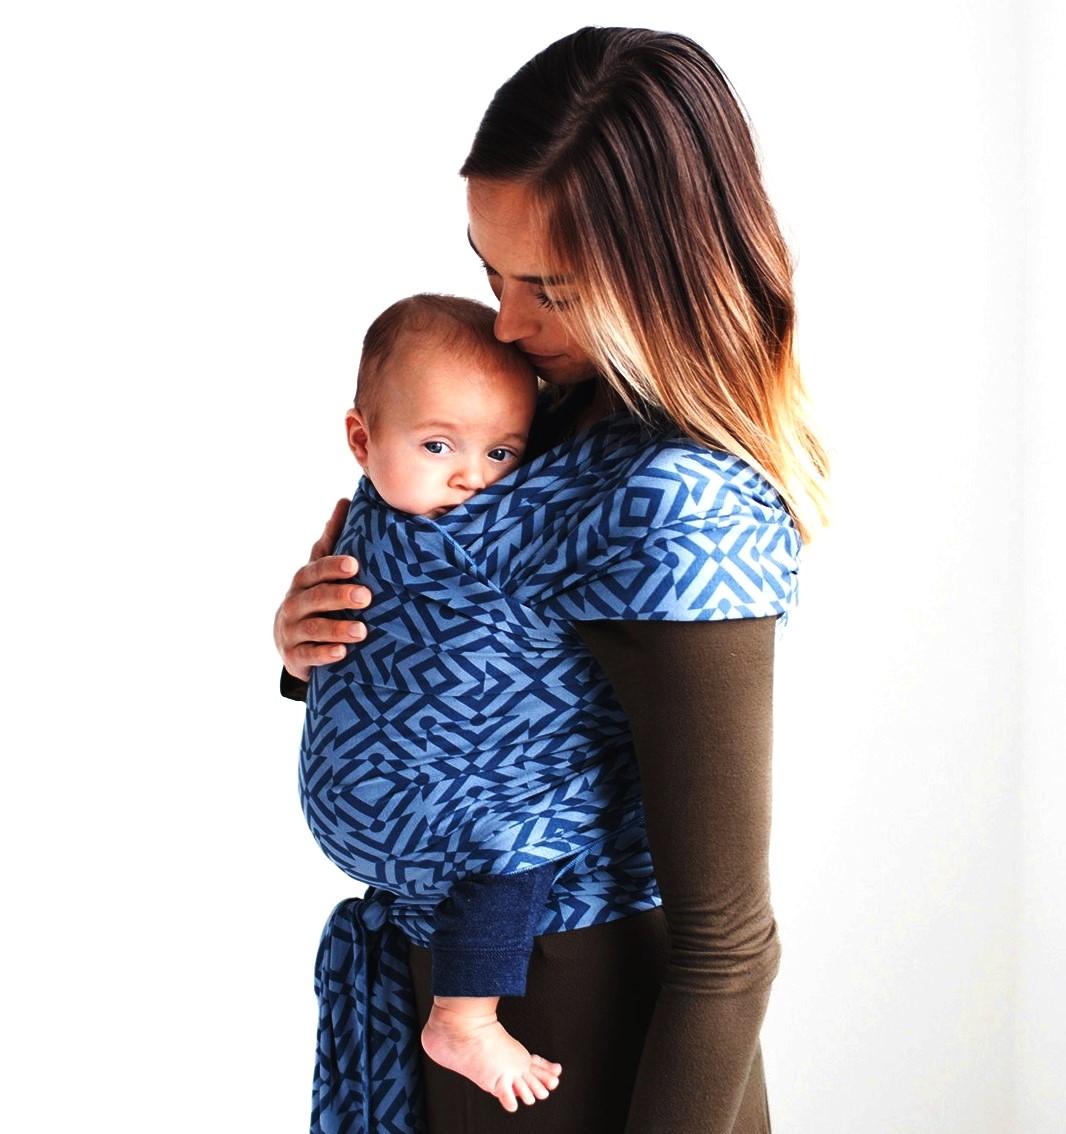 Moby Wrap elastický šátek Design Mazes of Milano Indigo Akční cena